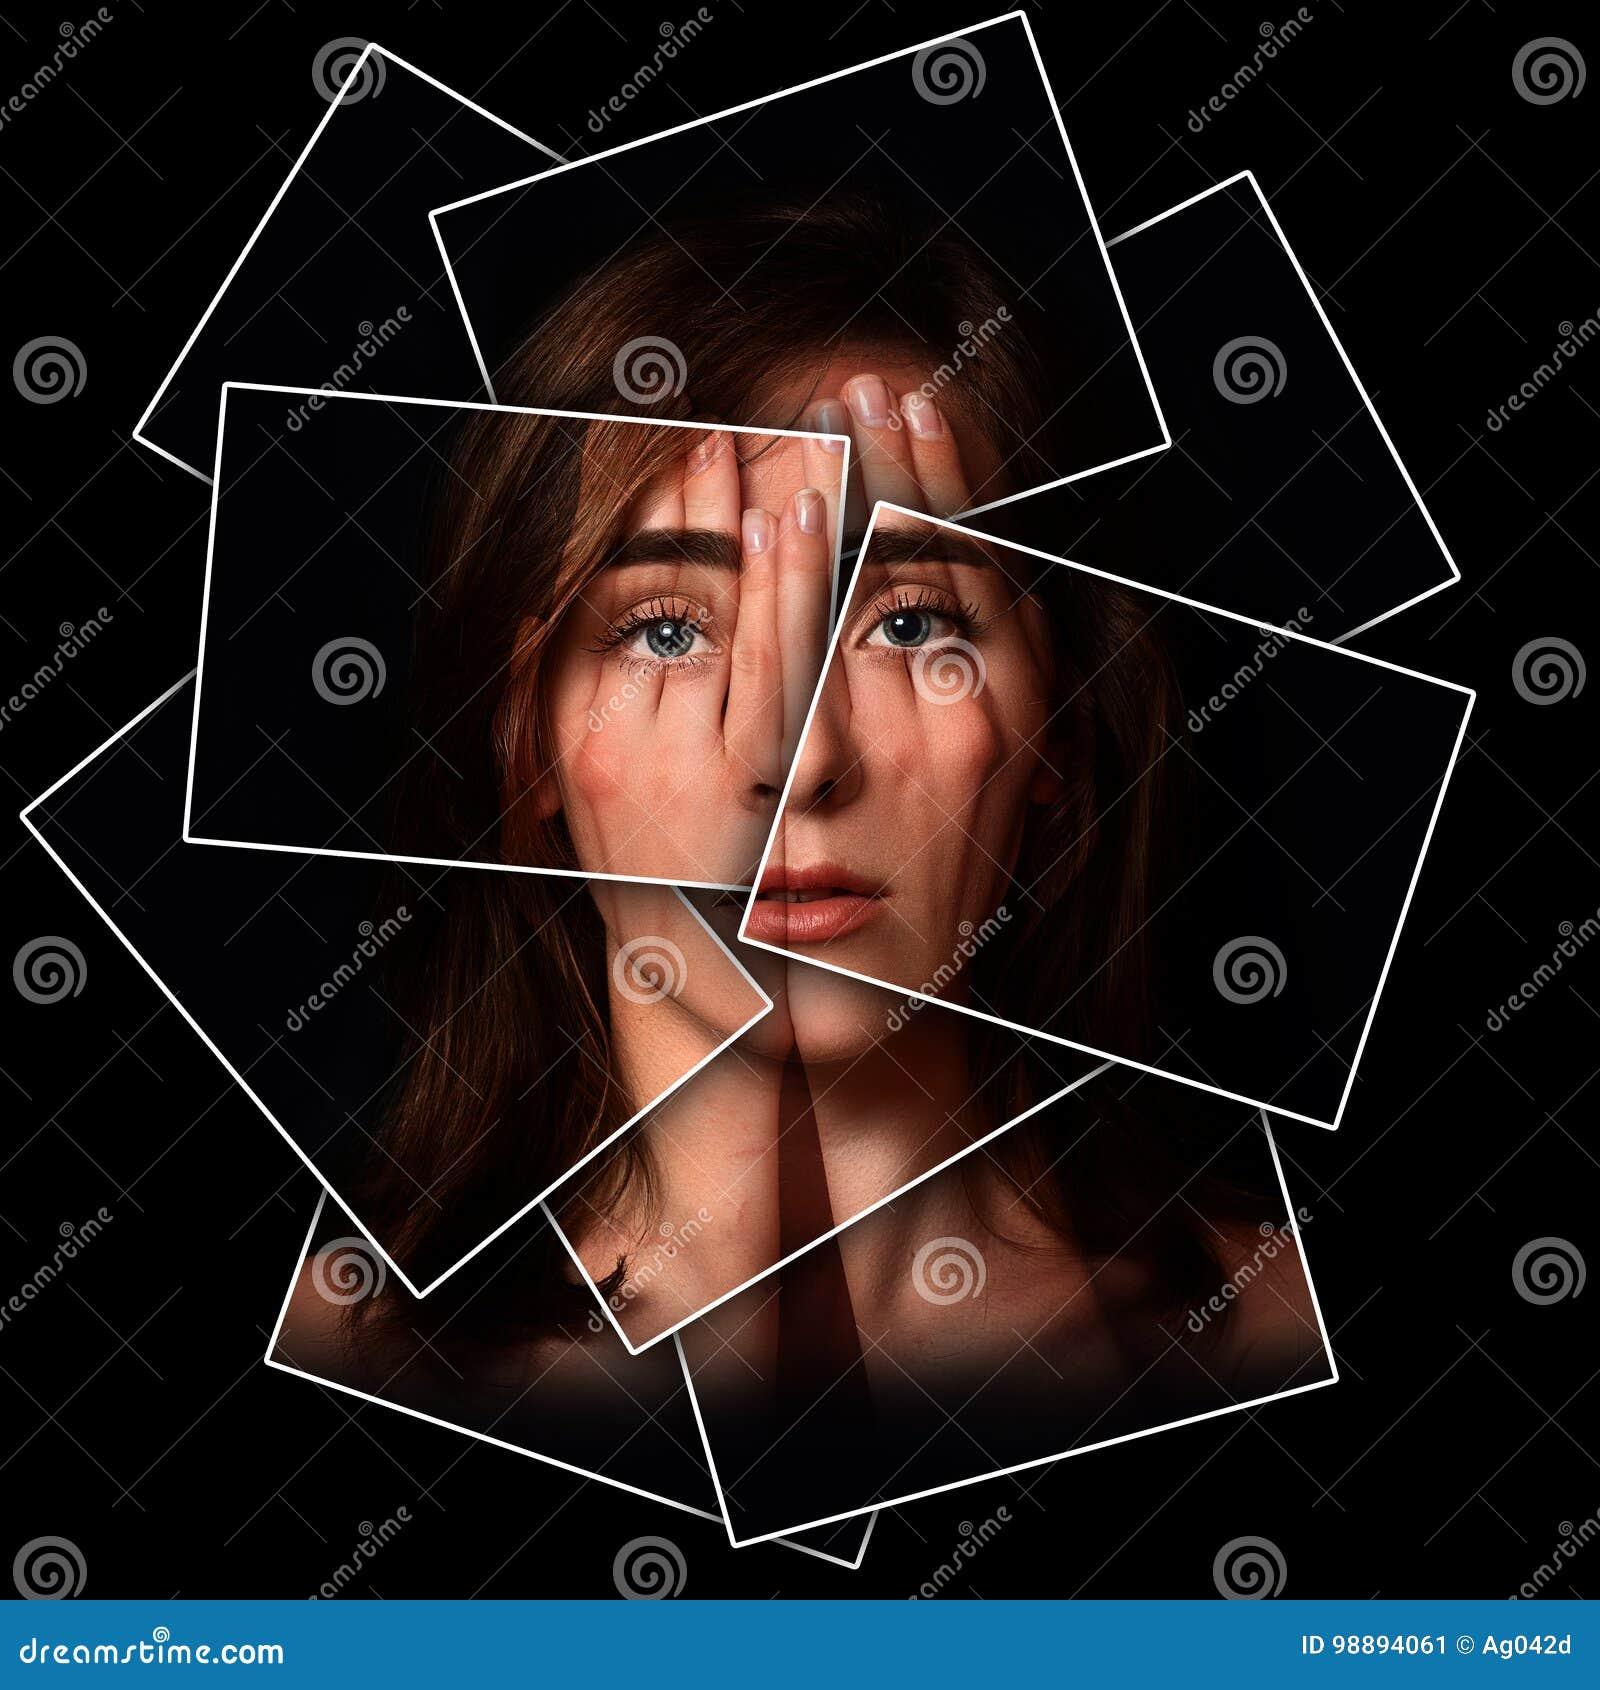 Υπερφυσικό πορτρέτο ενός νέου κοριτσιού που καλύπτει το πρόσωπο και τα μάτια της